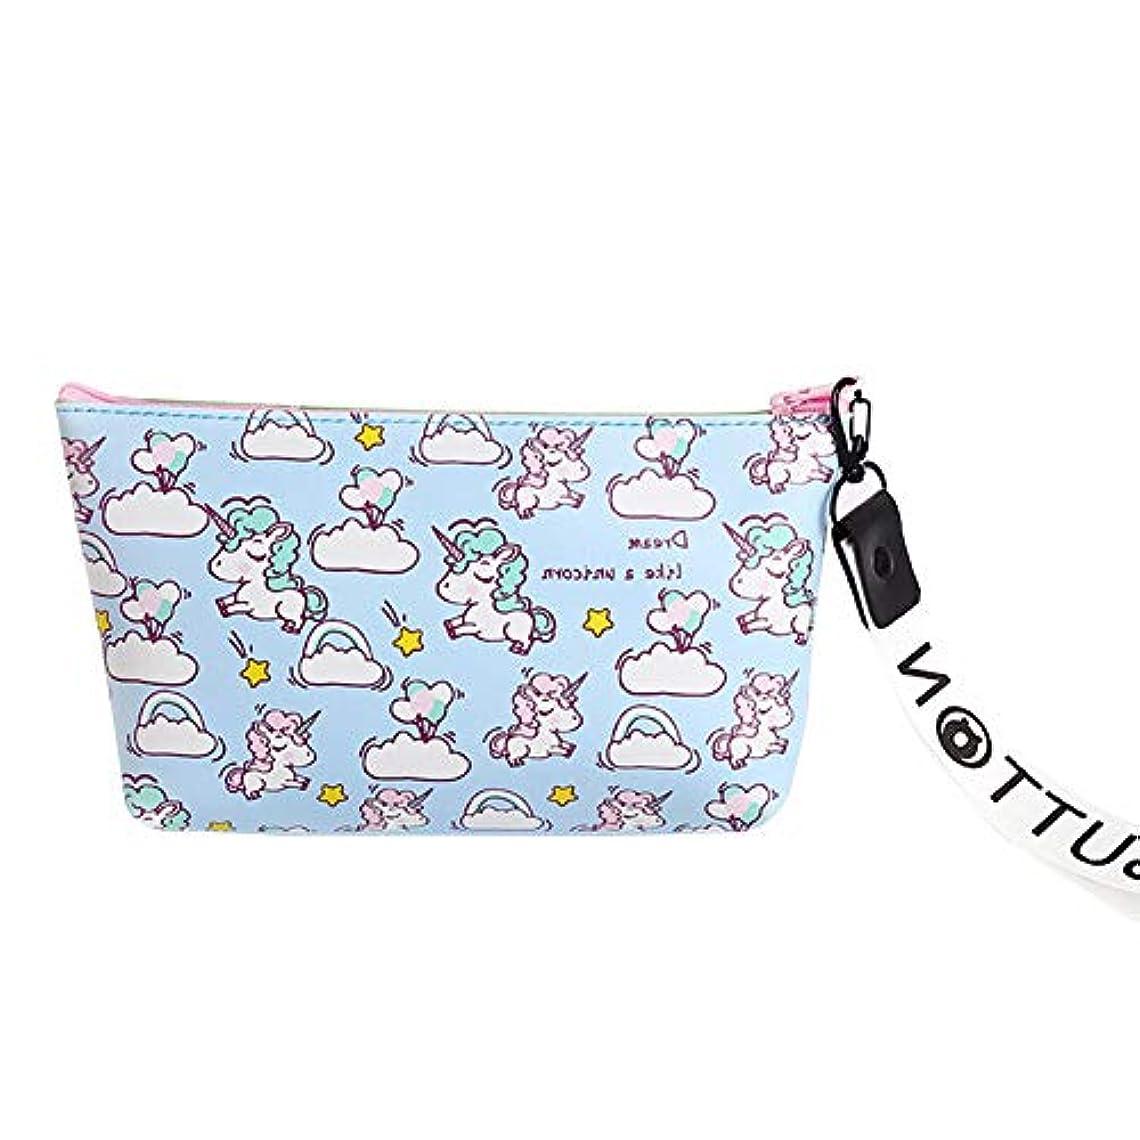 に対応最大習慣防水旅行バッグの漫画ユニコーンパターン化粧ポーチ化粧品袋愉快なクラッチ多機能ペンブルーl